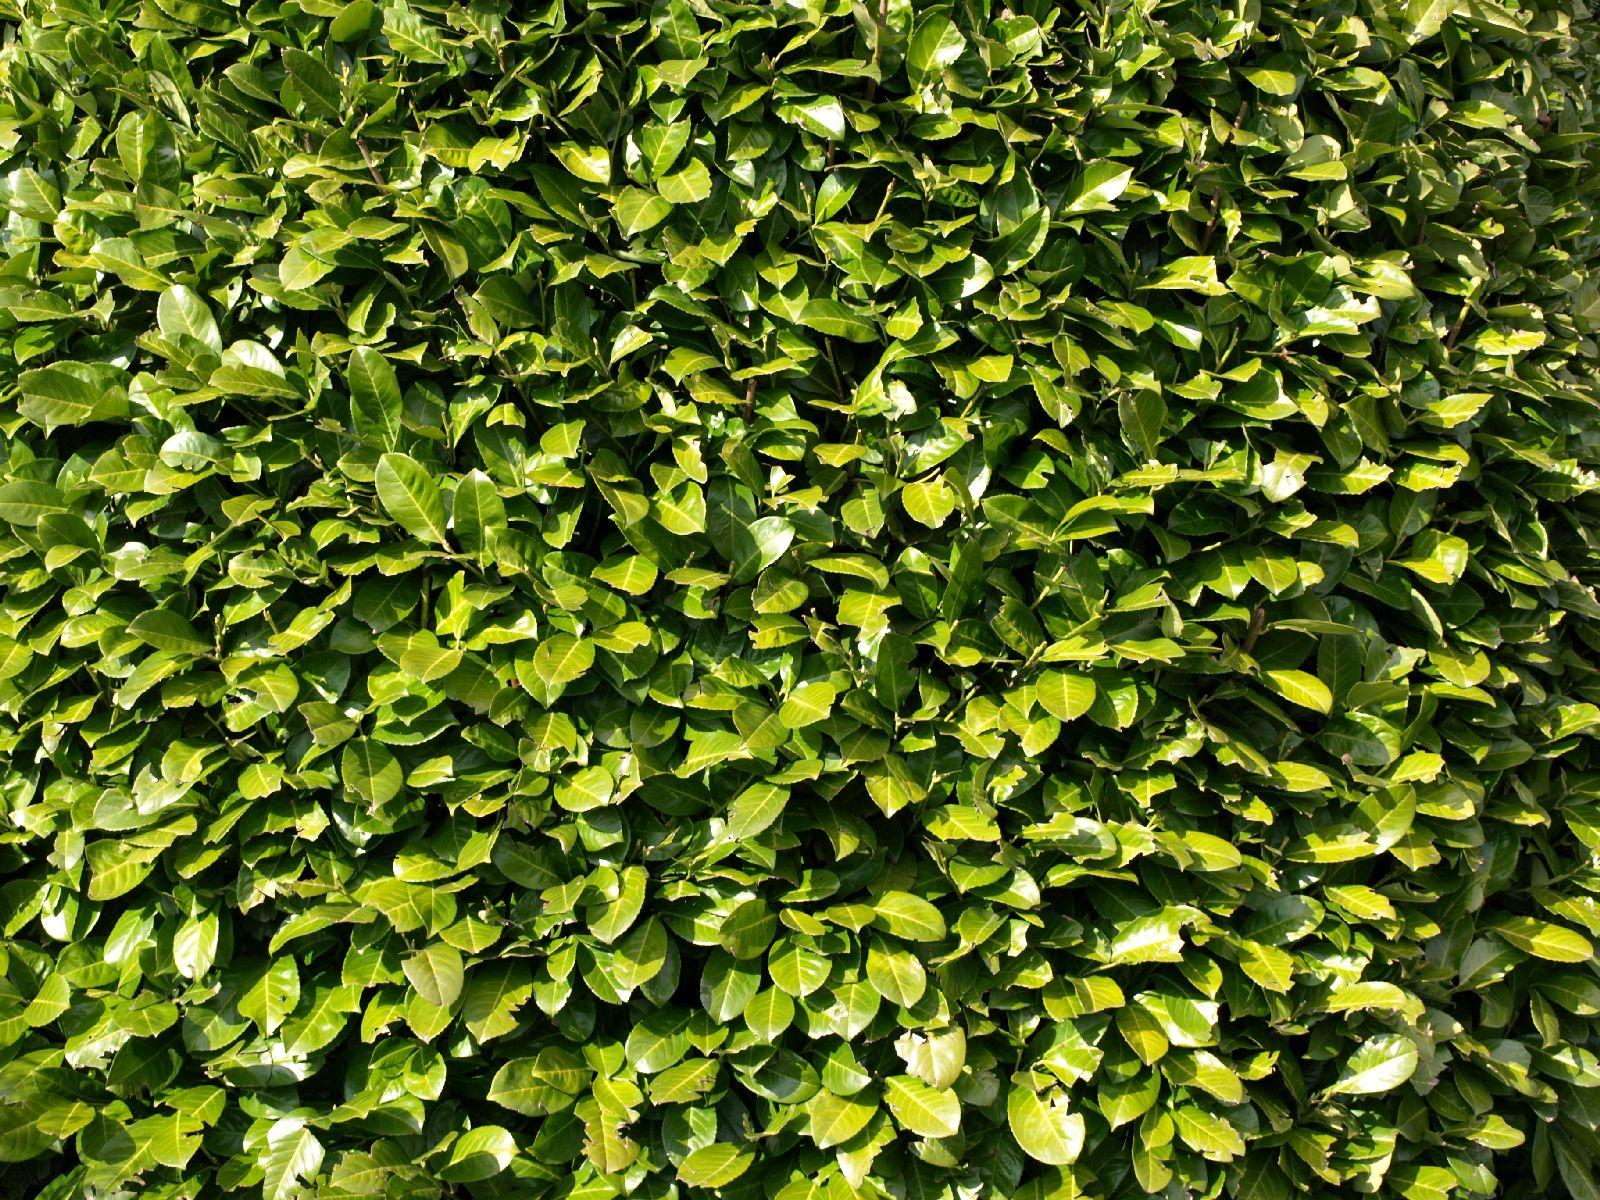 Pflanzen-Hecken-Foto_Textur_B_P4171311